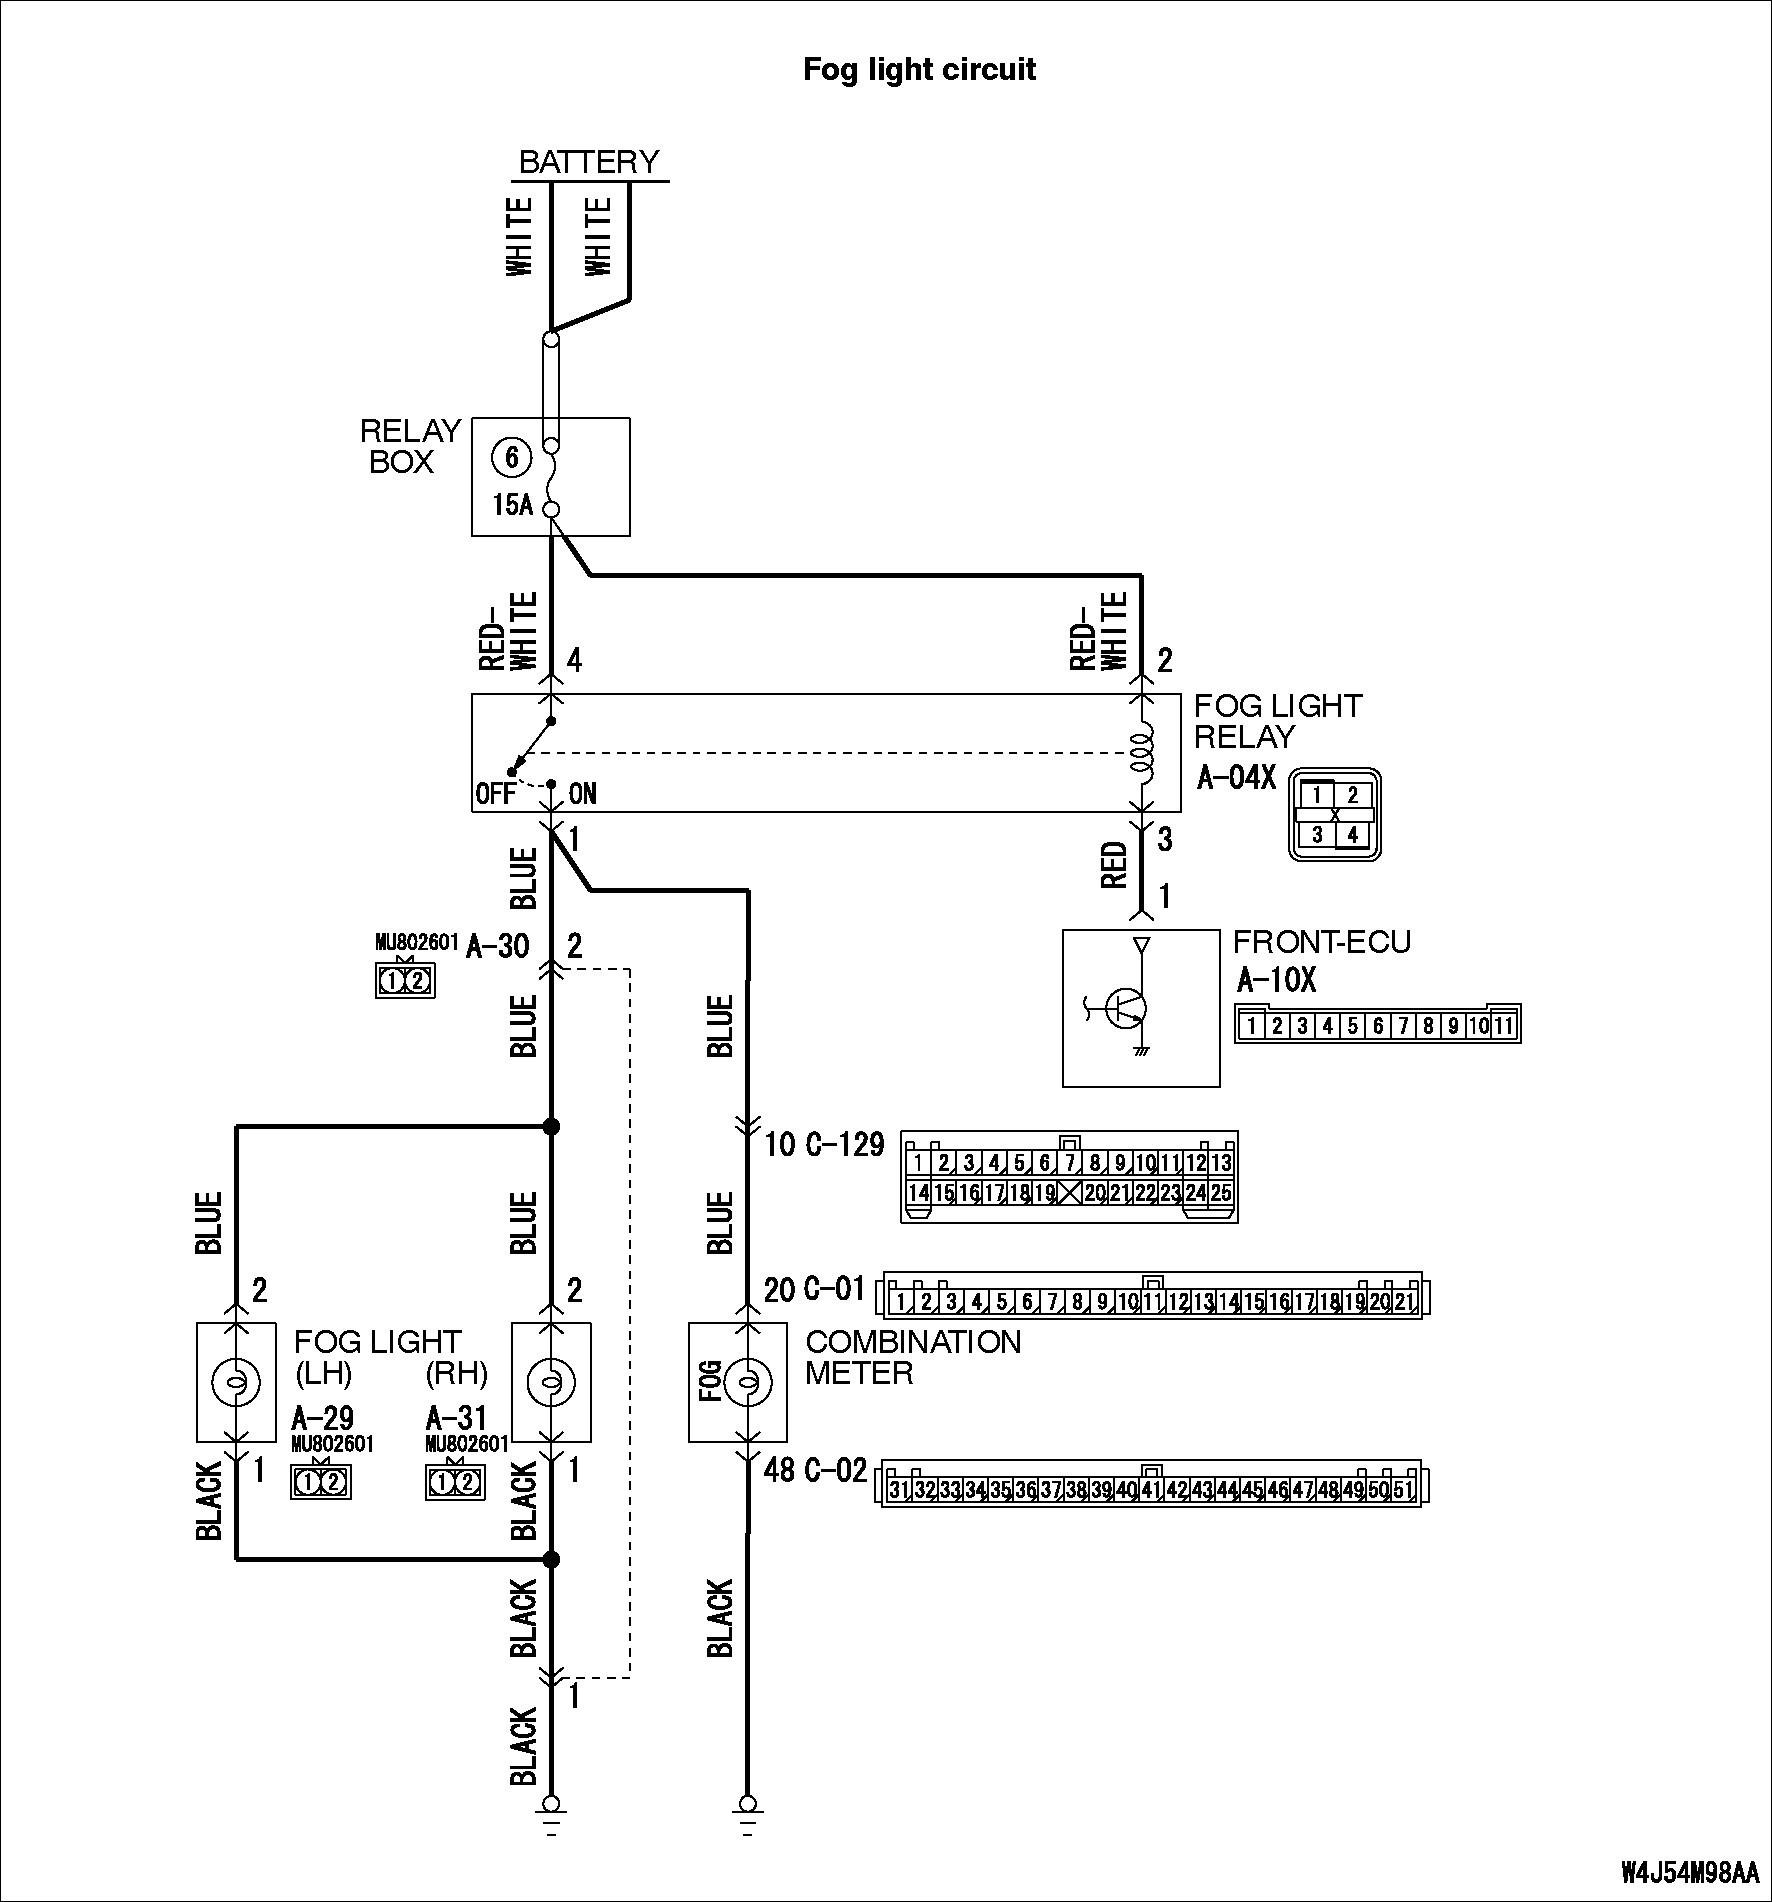 Obsidian Wiring Diagram | Wiring Diagram 2019 on les paul deluxe, les paul electronics diagram, les paul forum, les paul blueprints, les paul parts list, les paul wallpaper, les paul outline, circuit diagram, les paul split coil diagram, les paul ground wire, les paul model number location, les paul setup, les paul studio, les paul recording, les paul capacitors, les paul schematic, gibson les paul diagram, les paul guitars, les paul knobs, les paul serial numbers,